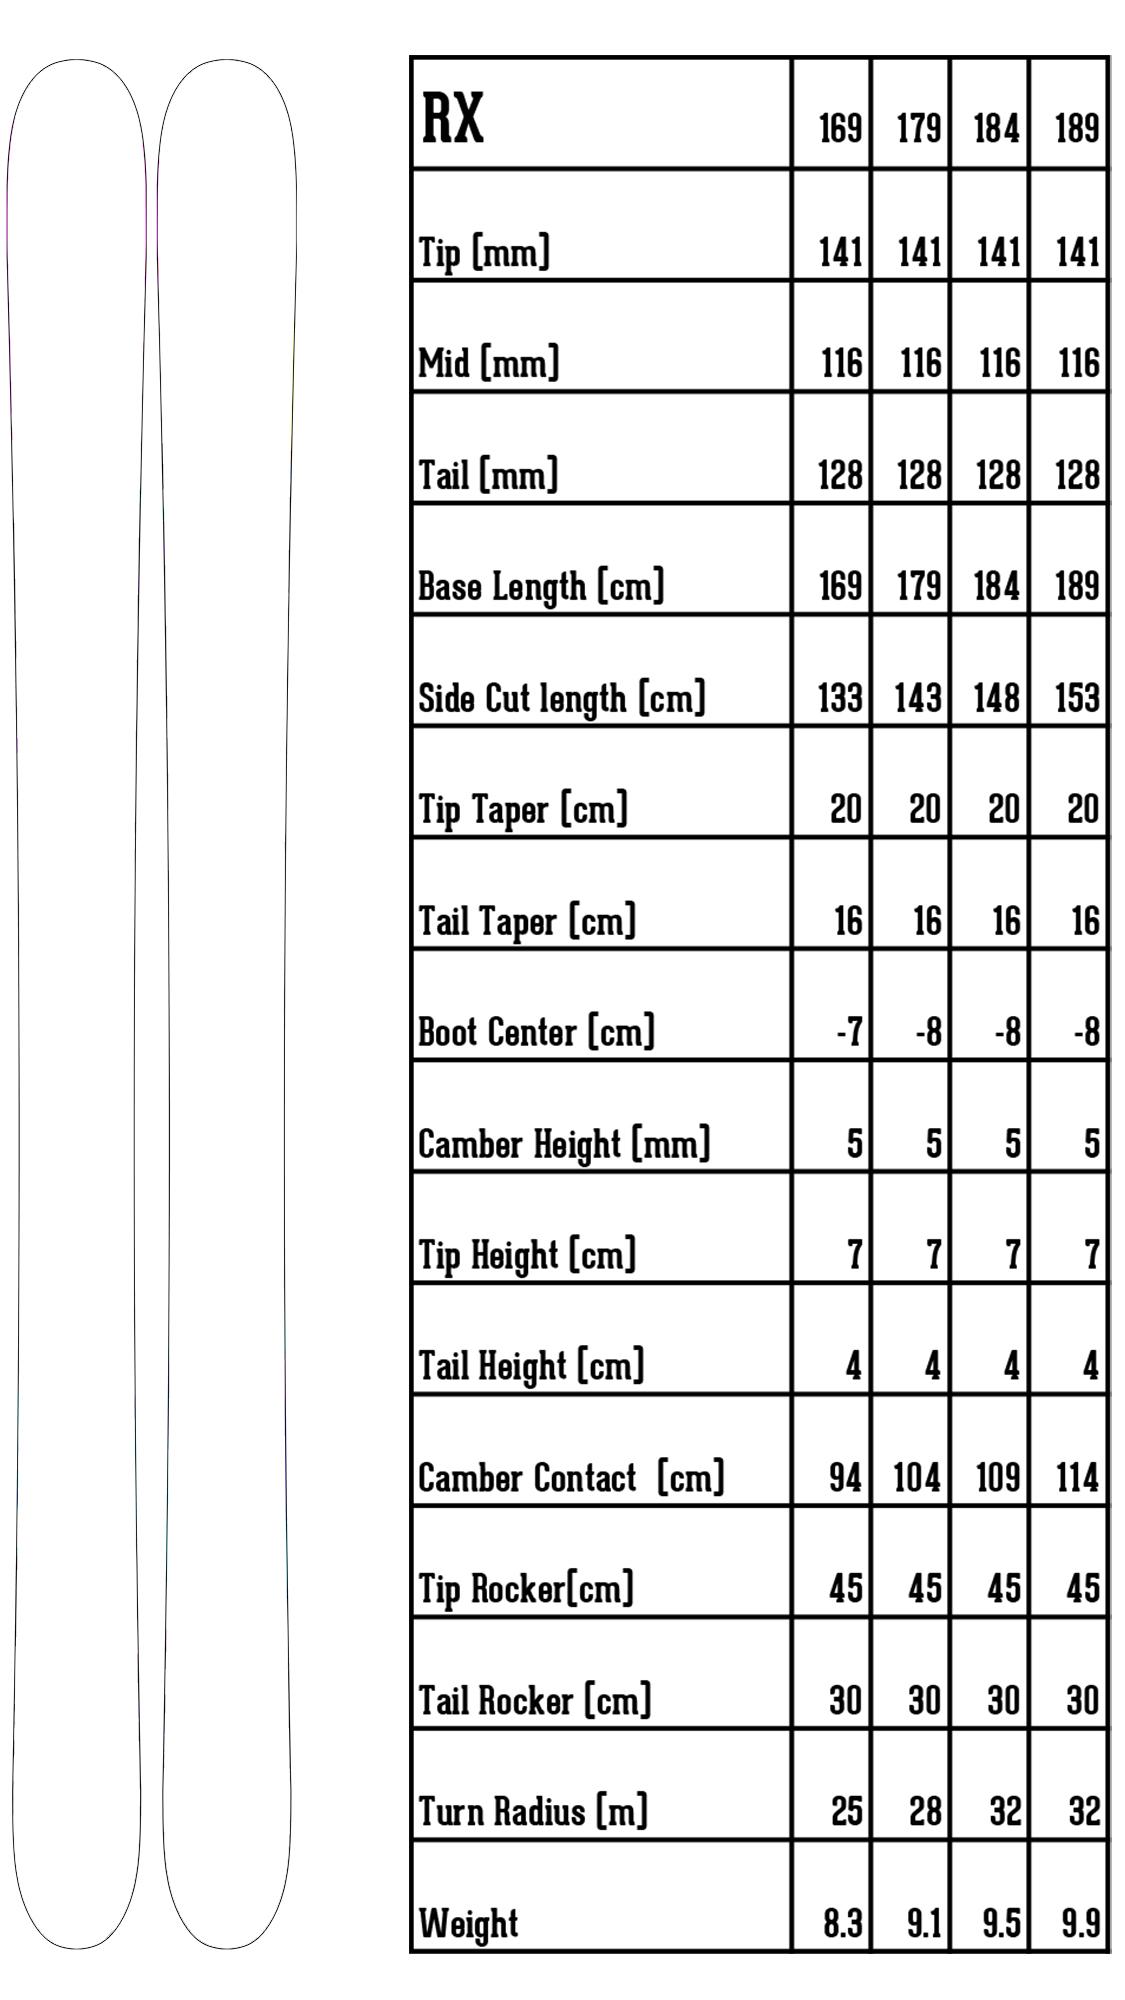 RX ski specs detail chart